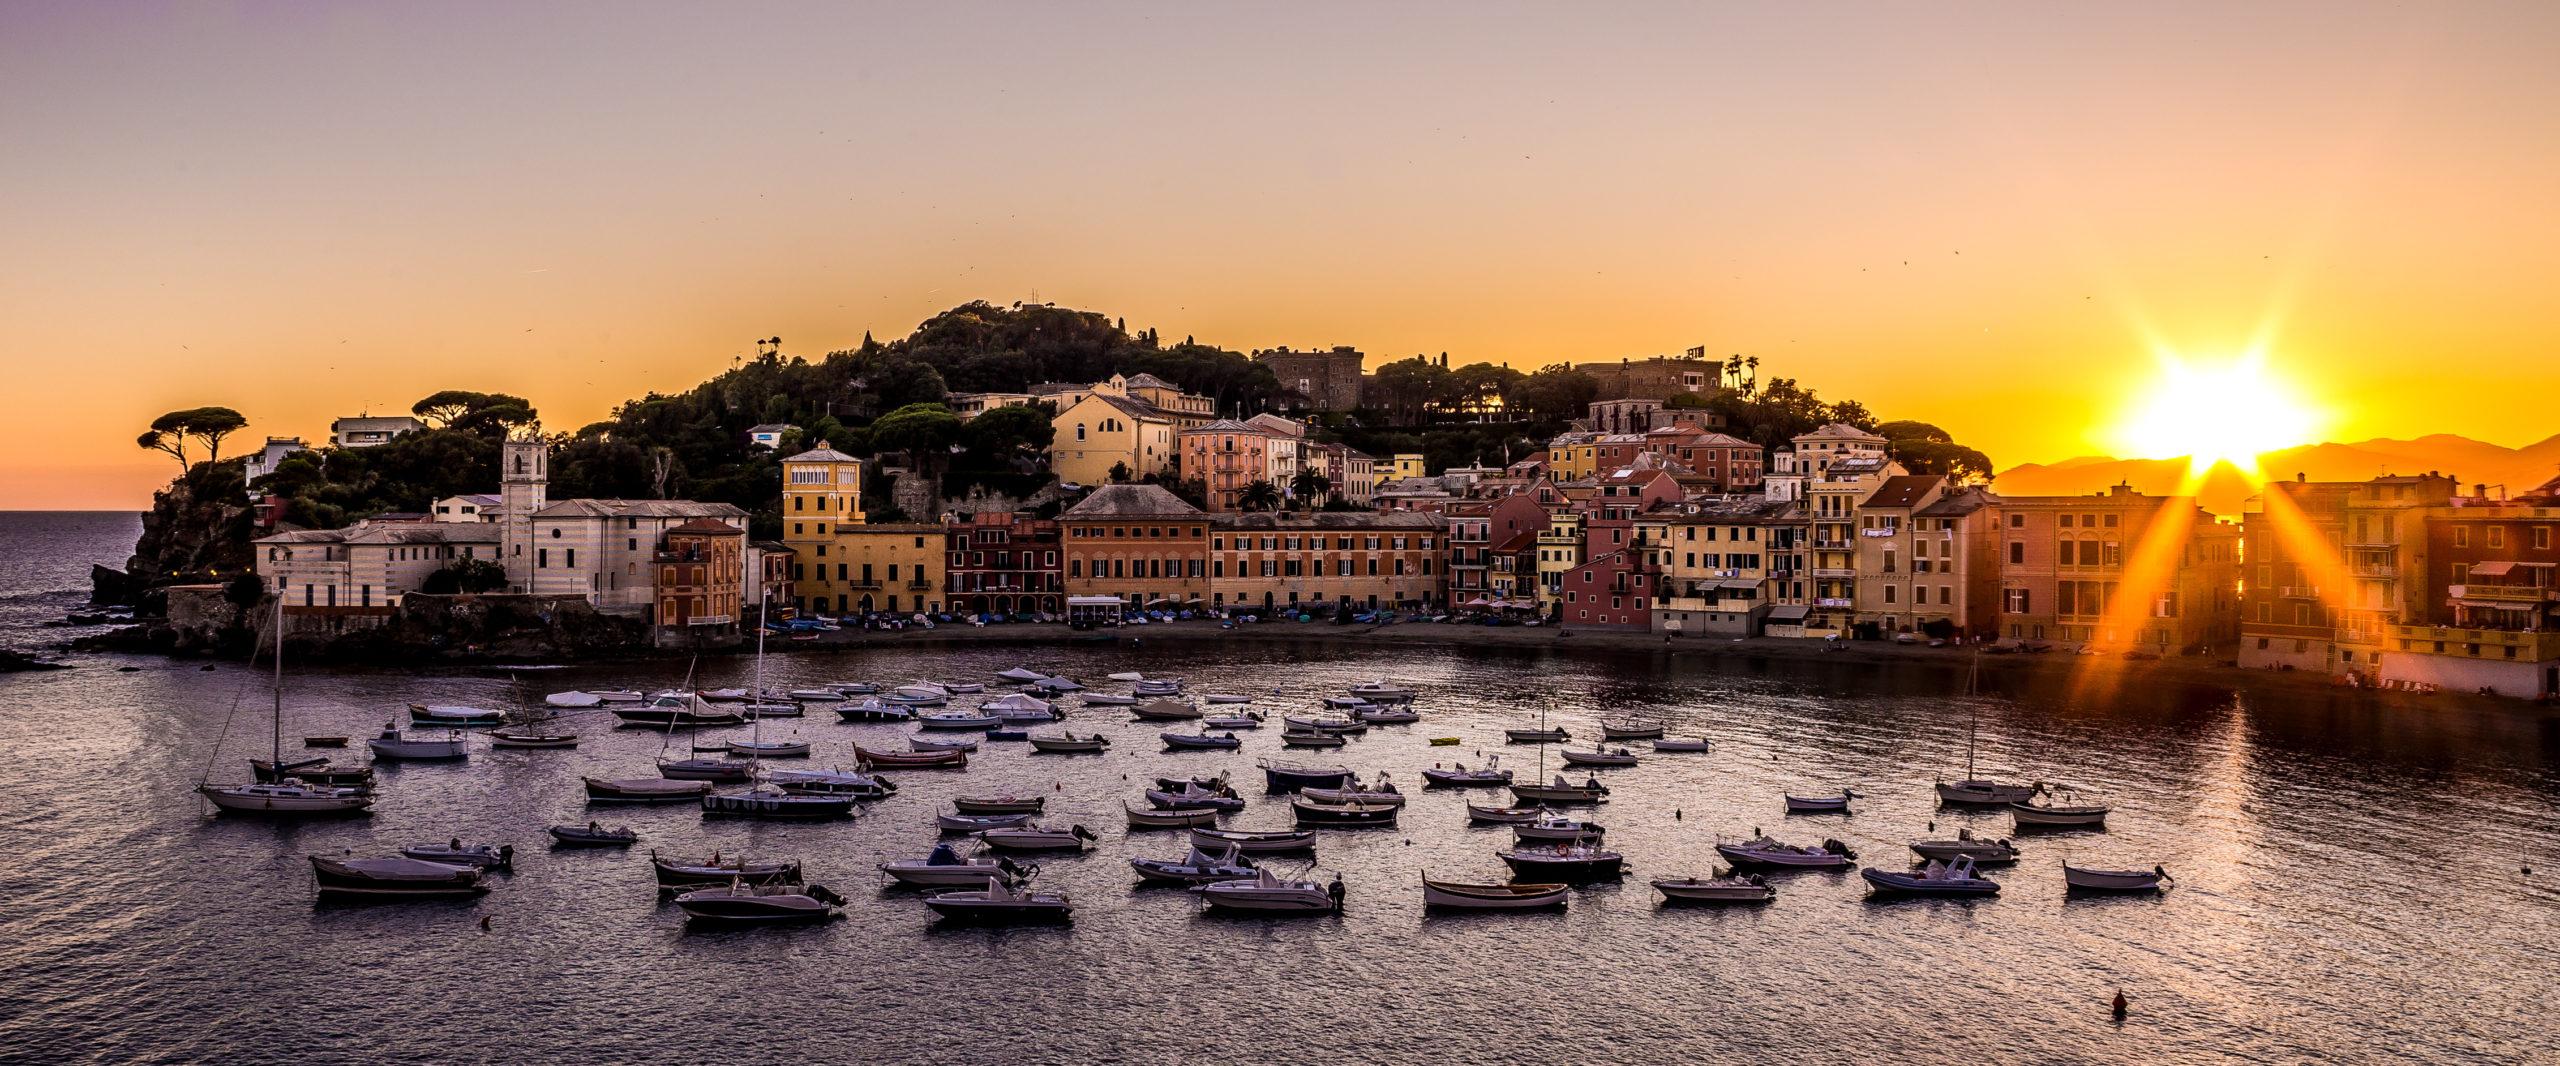 Baia del silenzio a Sestri Levante, liguria Italia